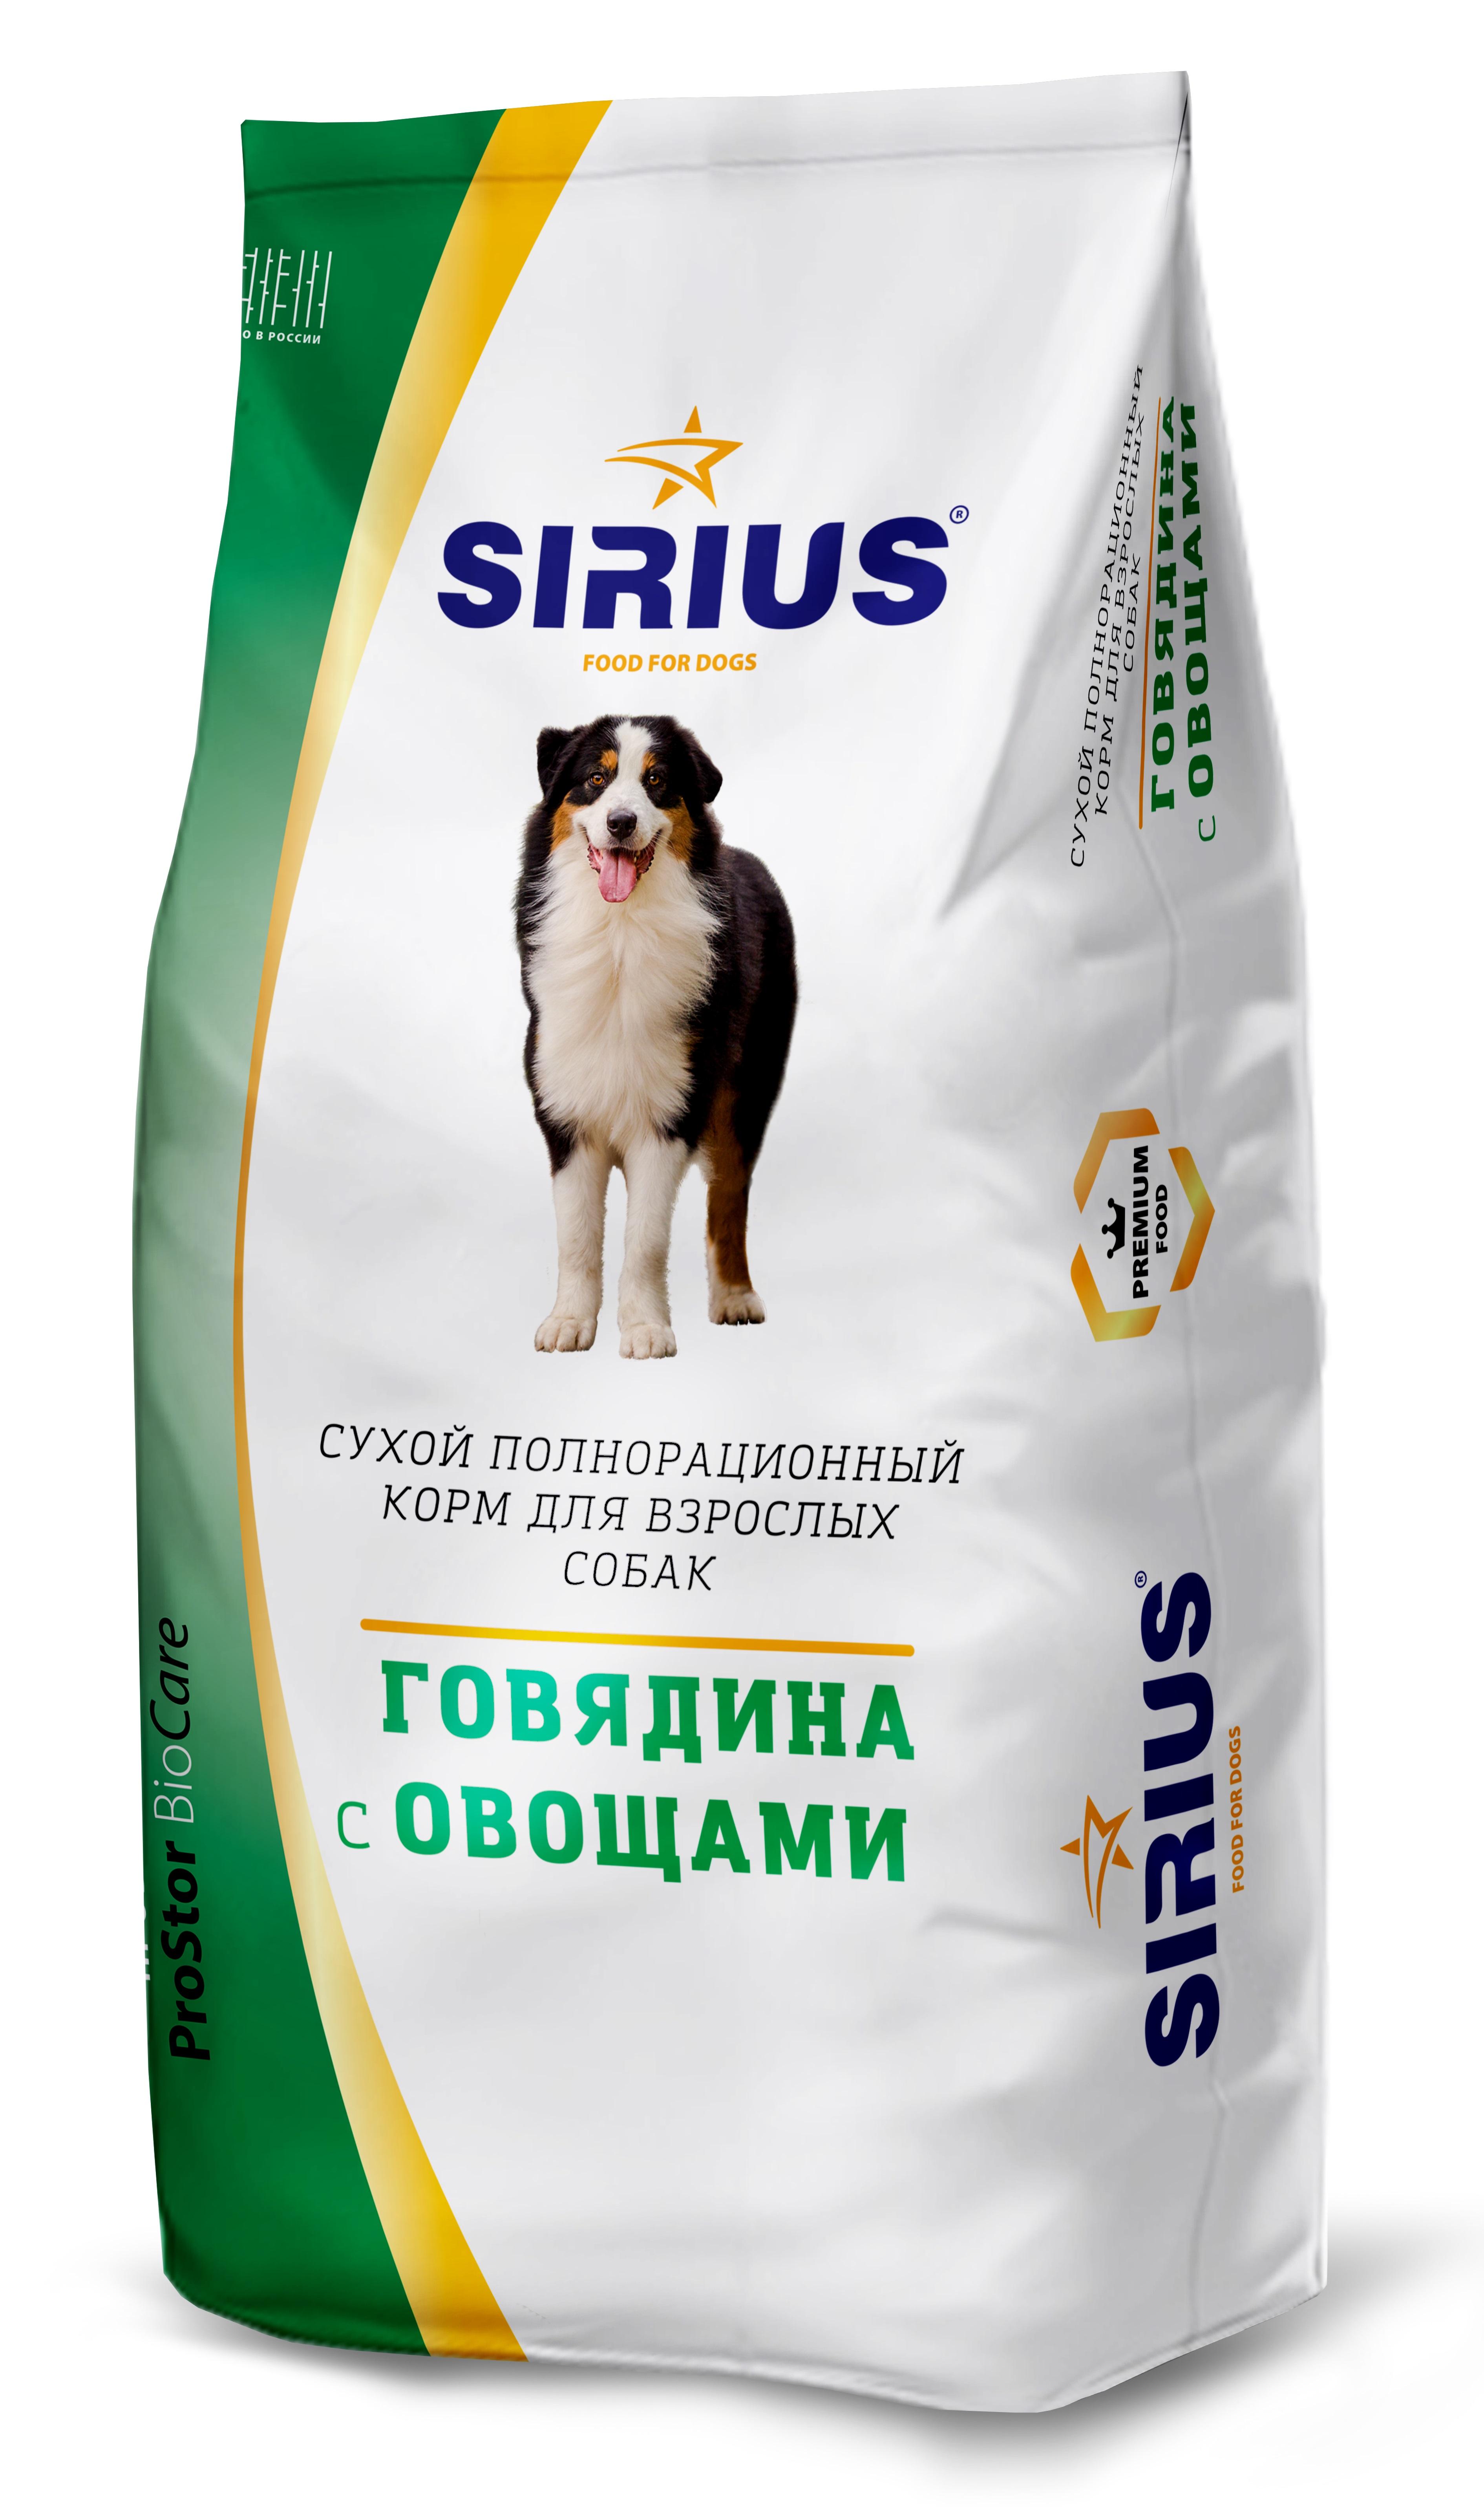 Сухой корм для взрослых собак SIRIUS со вкусом говядины с овощами, 3 кг